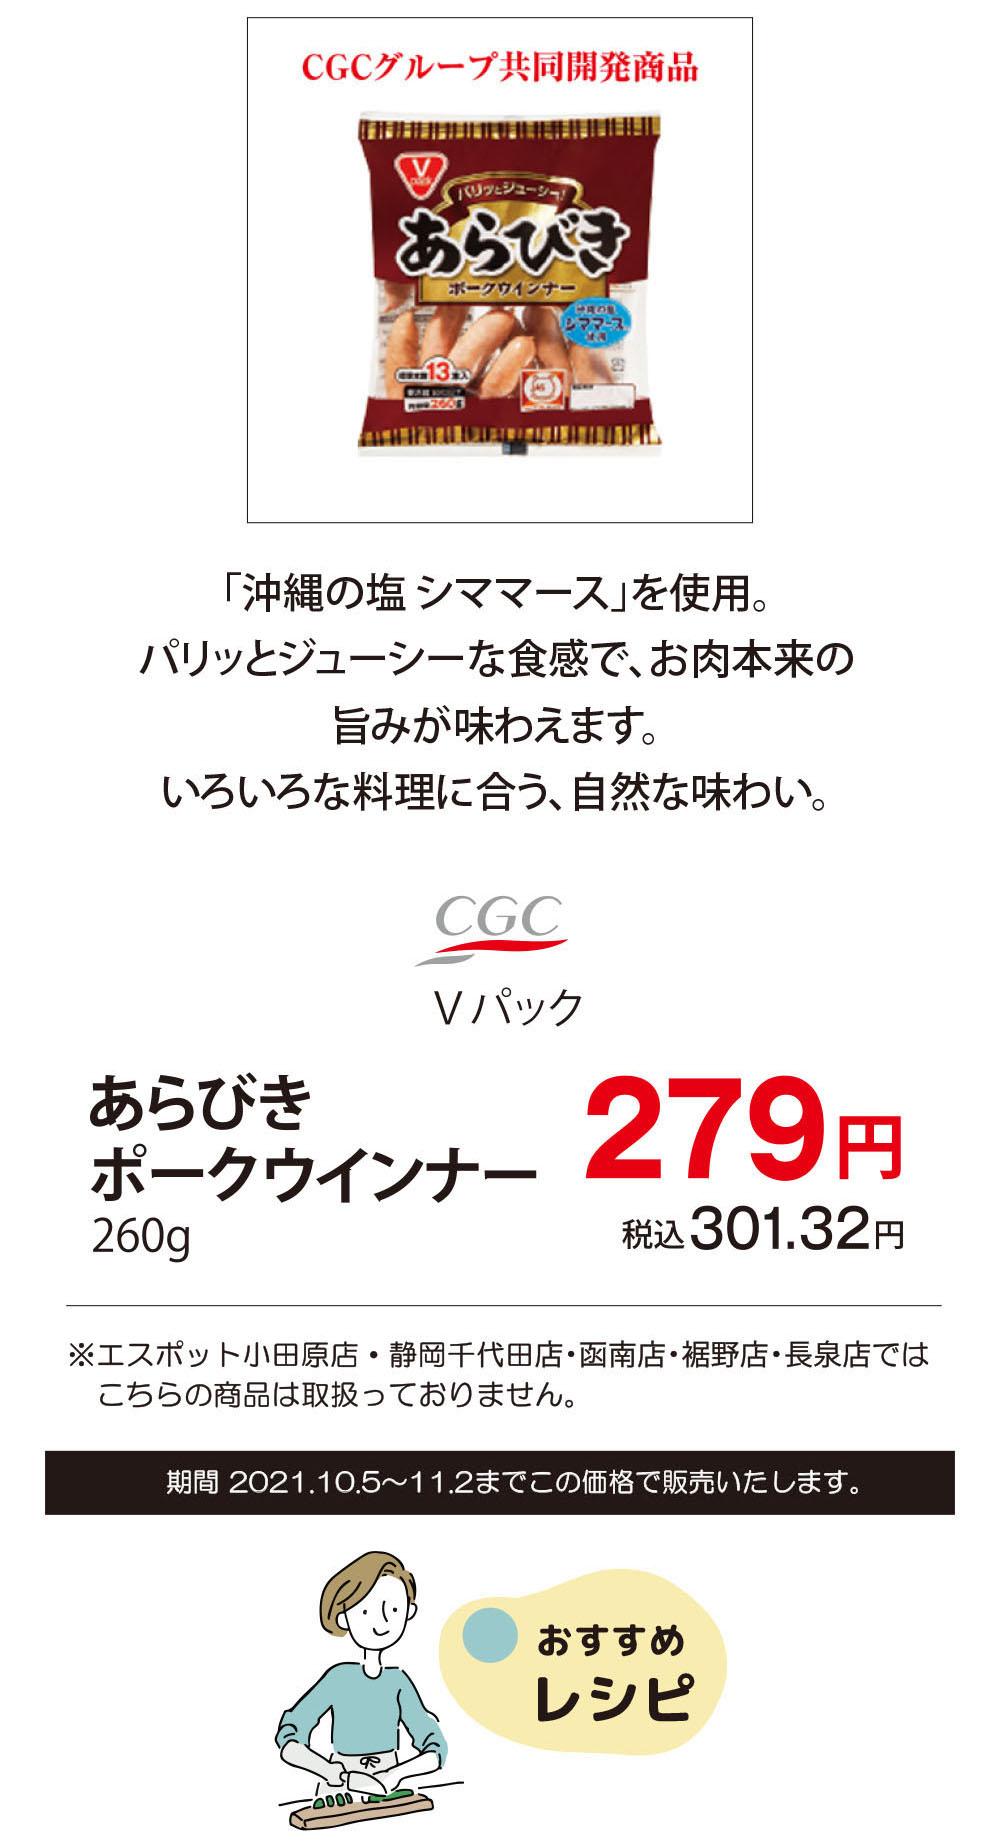 CGC Vパックウインナー